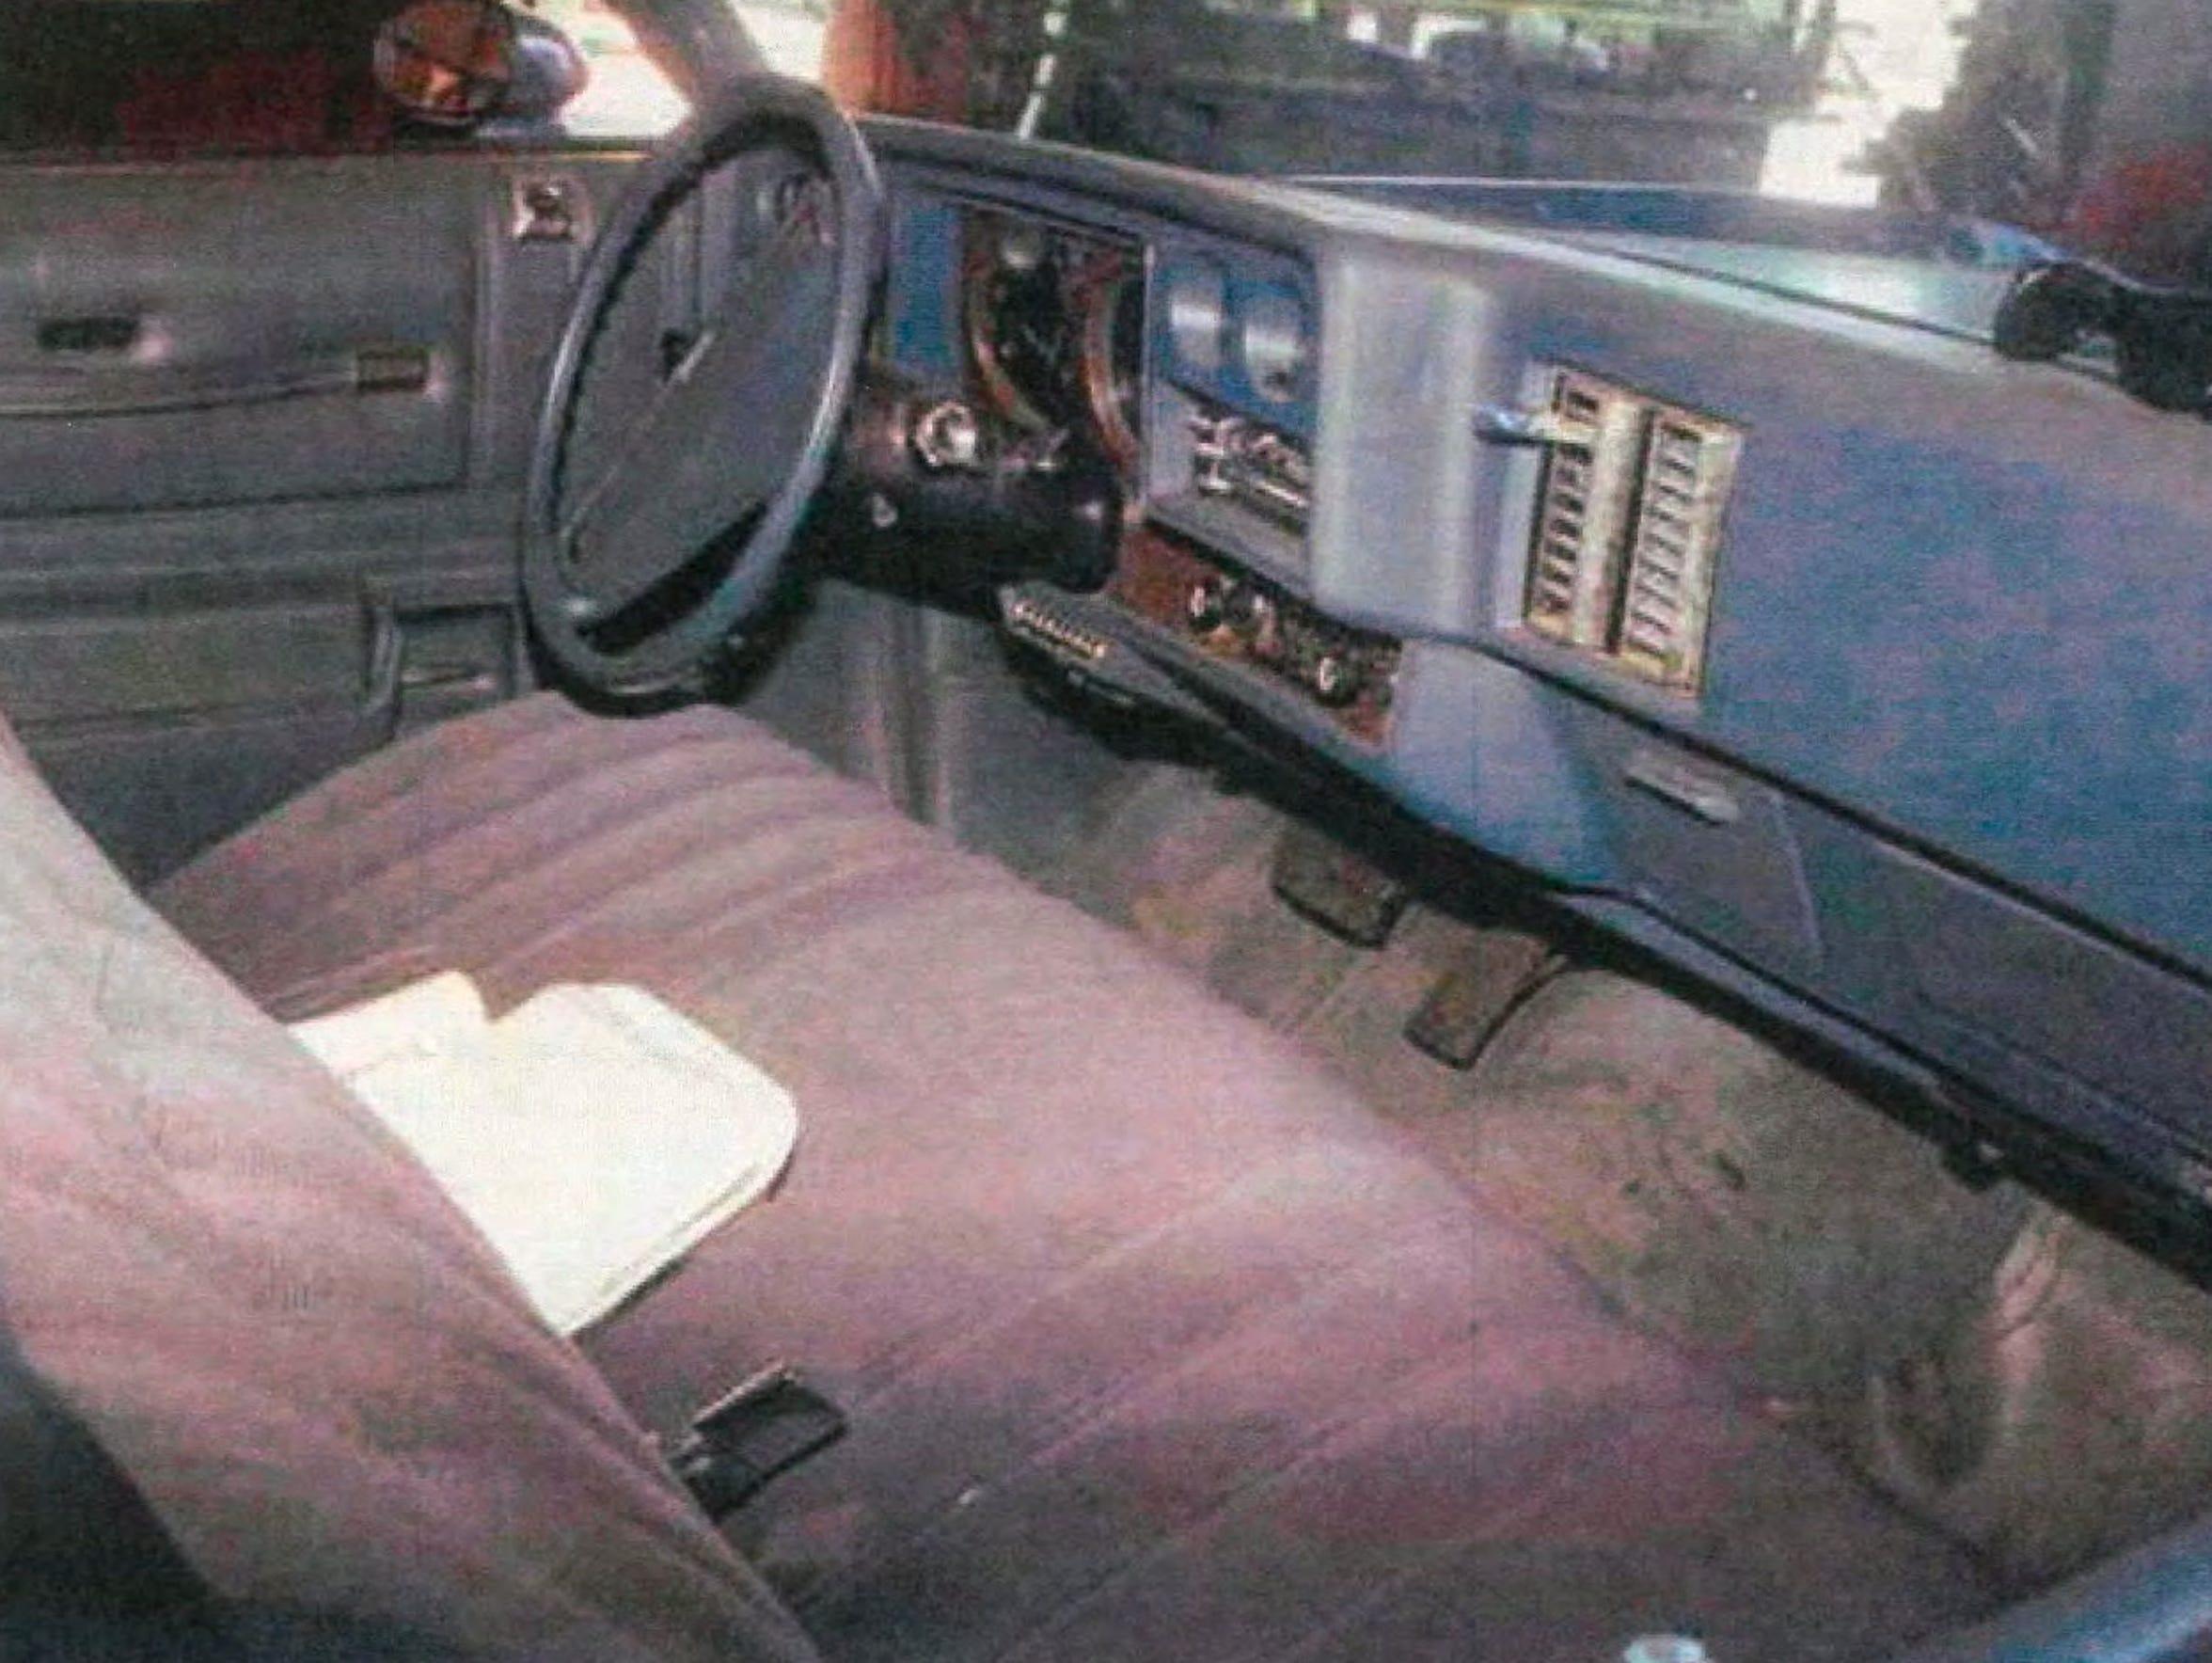 A police photograph of Ernesto Martinez's stolen Chevrolet